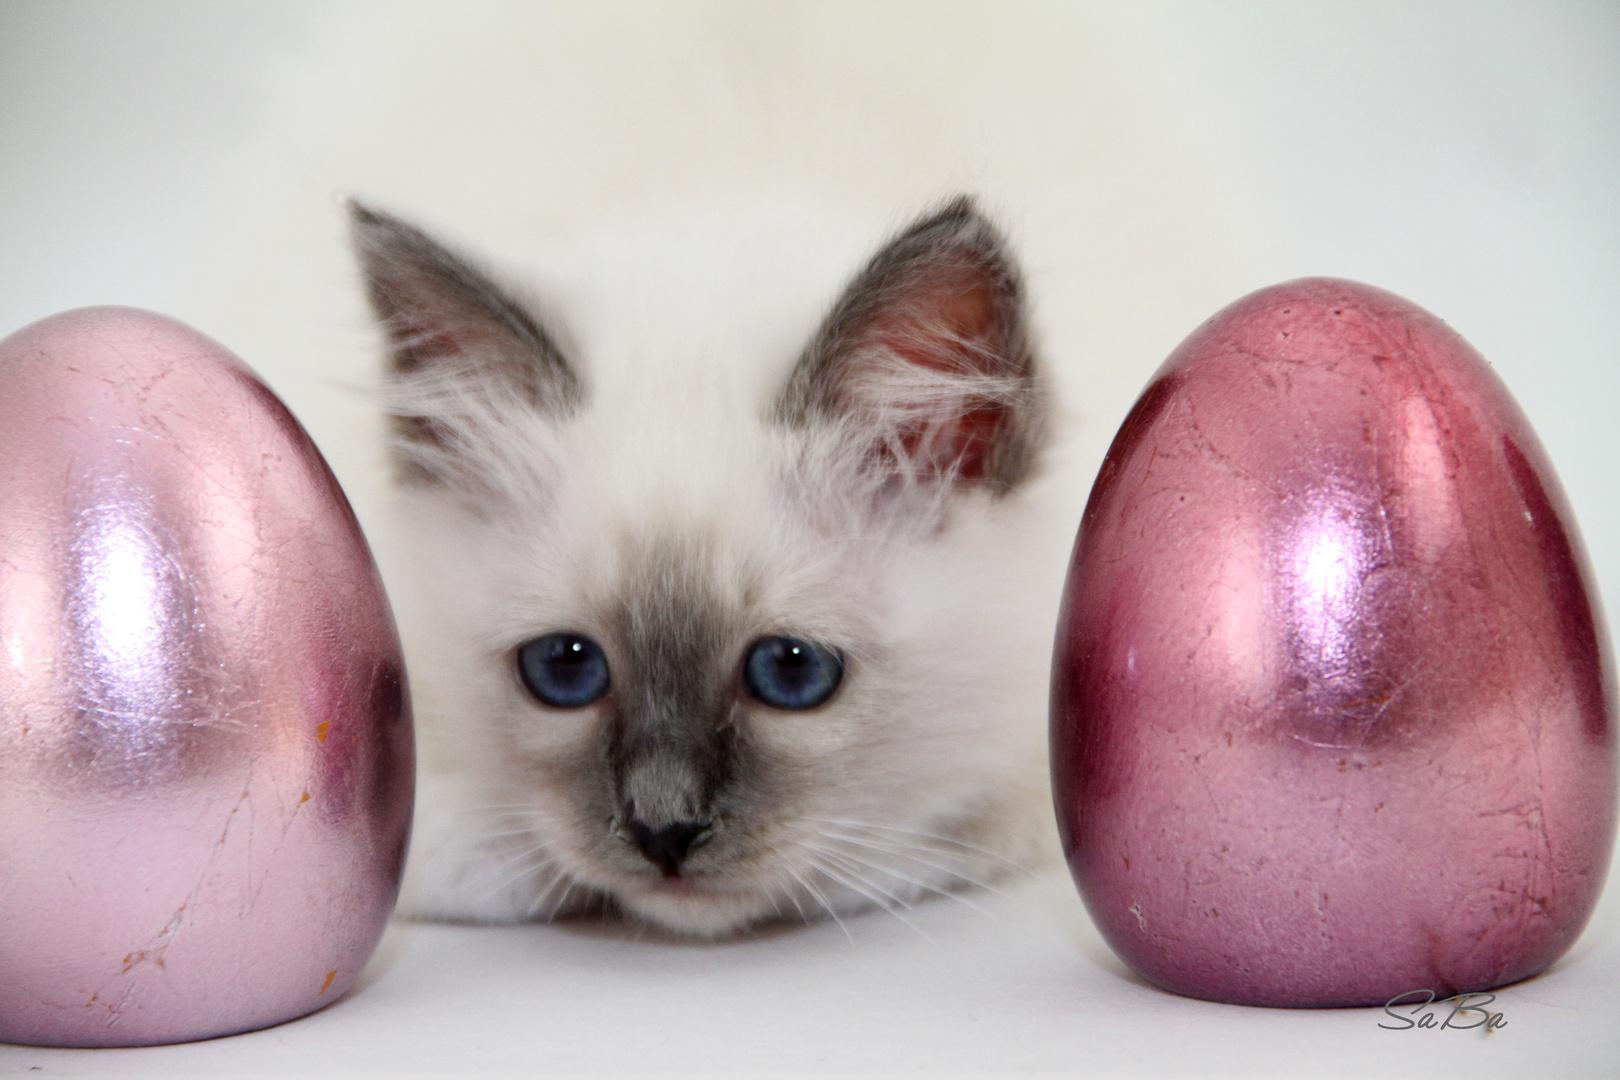 Ja wer hat denn hier die Eier vergessen...